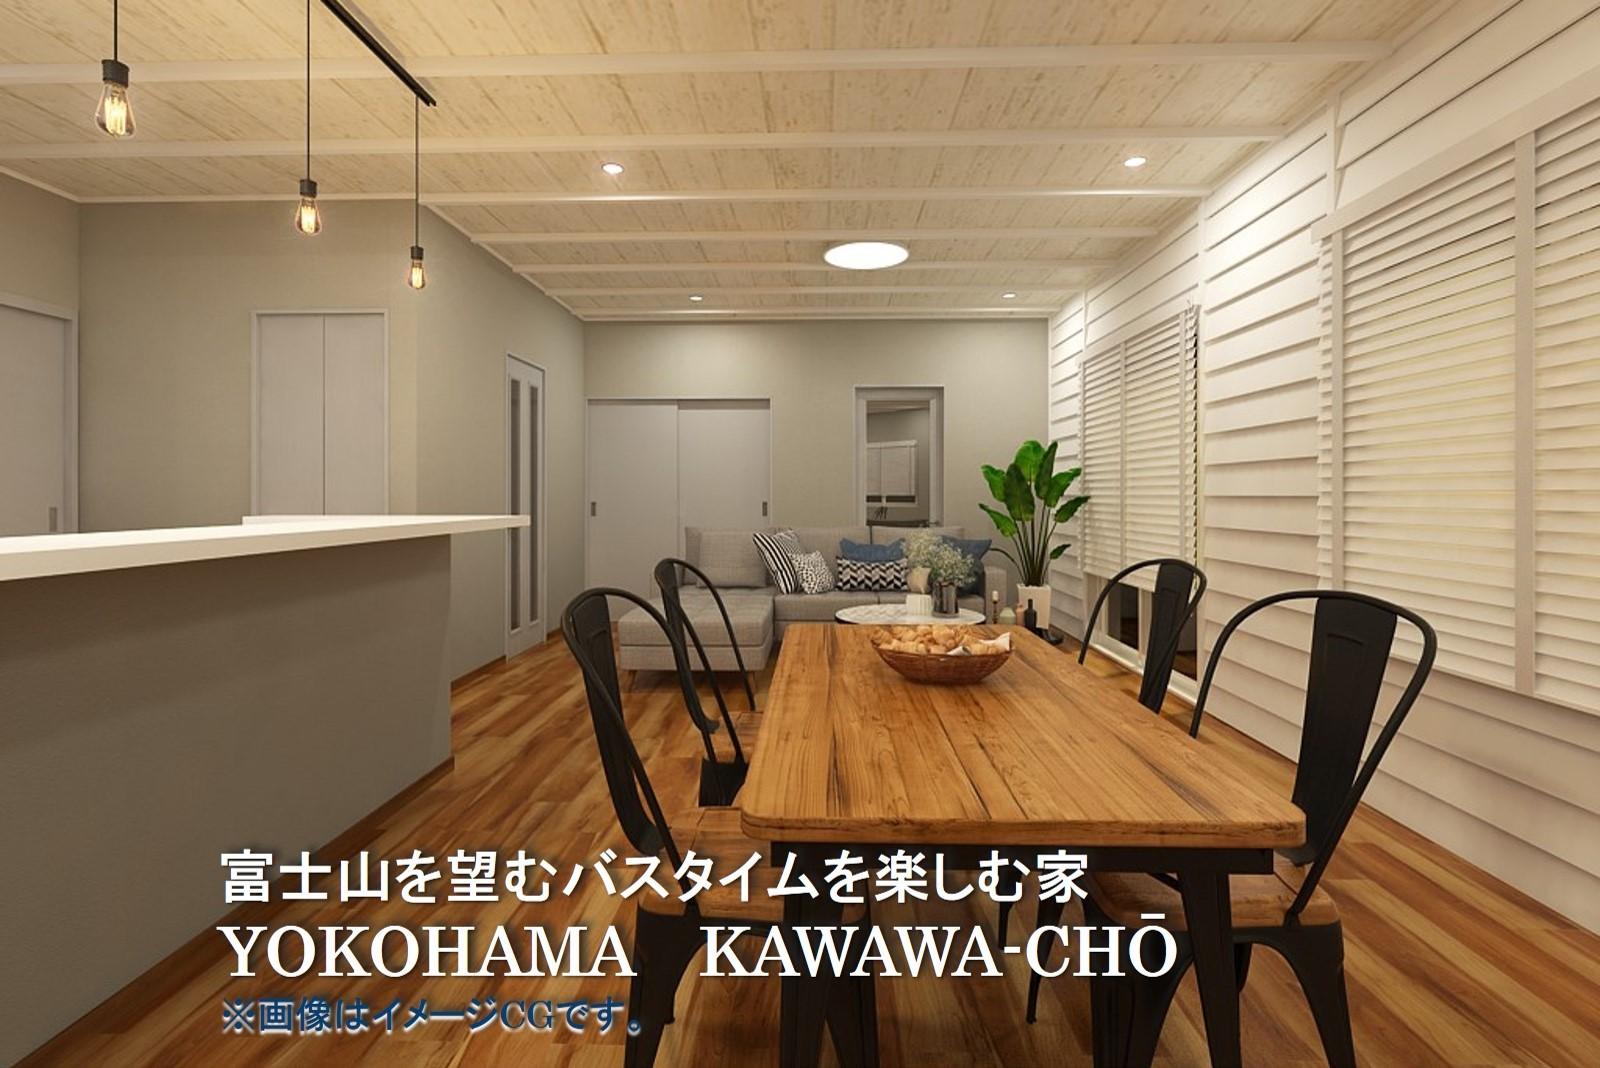 富士山を望むバスタイムを楽しむ家|YOKOYAMA KAWAWA-CHŌ